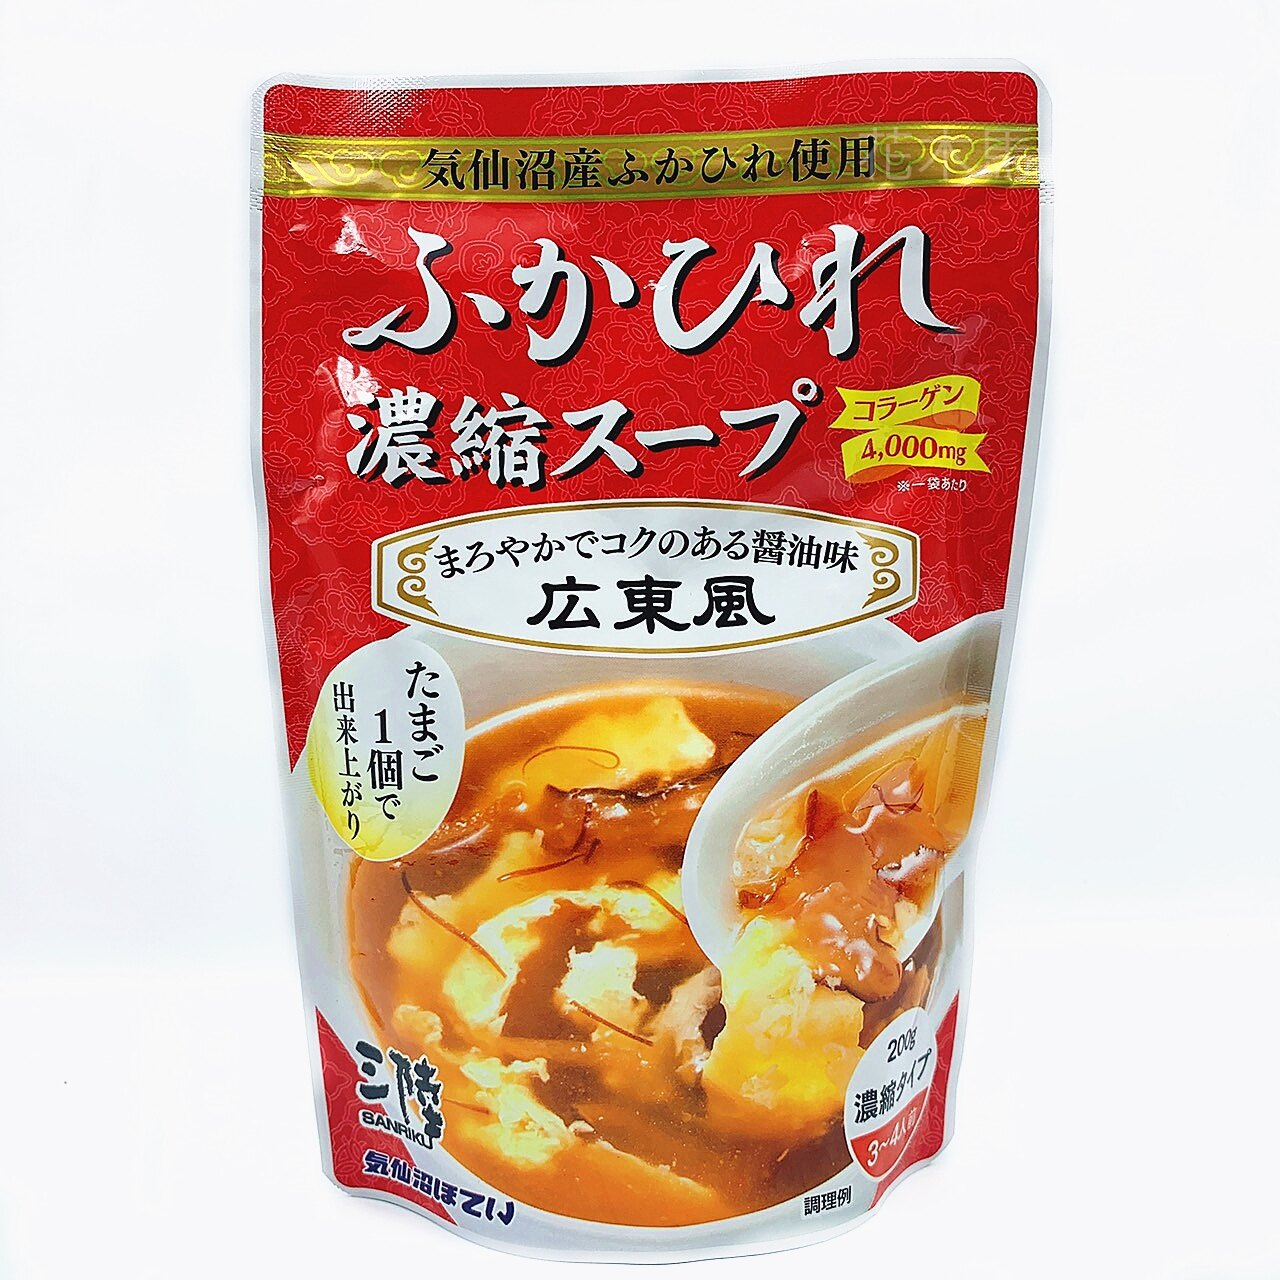 日本濃縮魚翅湯 200g 魚翅湯 濃縮魚翅湯 廣東風